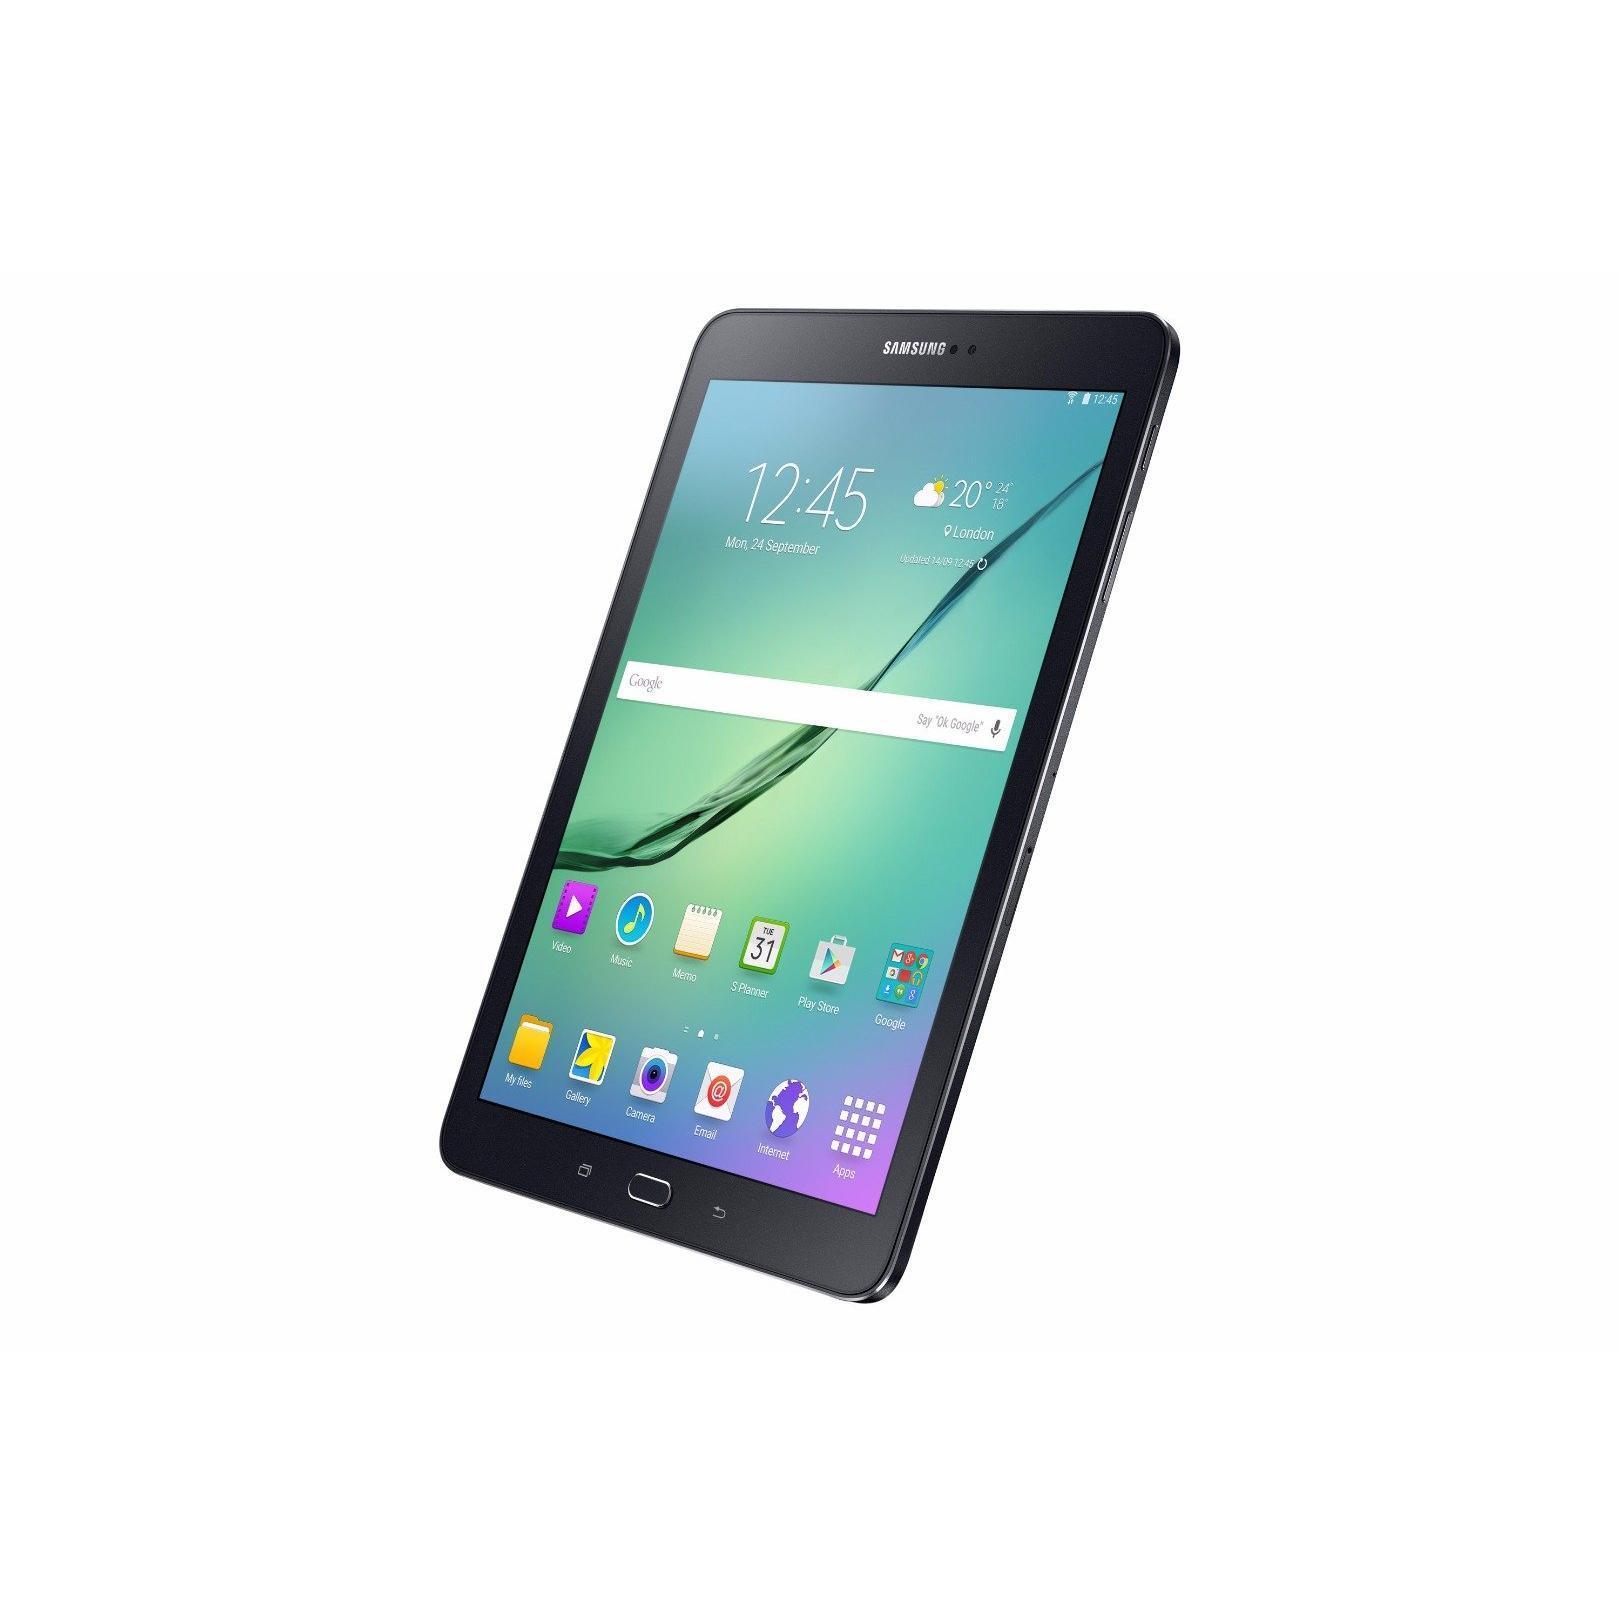 Samsung Galaxy Tab S2 9.7 32 Go - Wifi - Noir